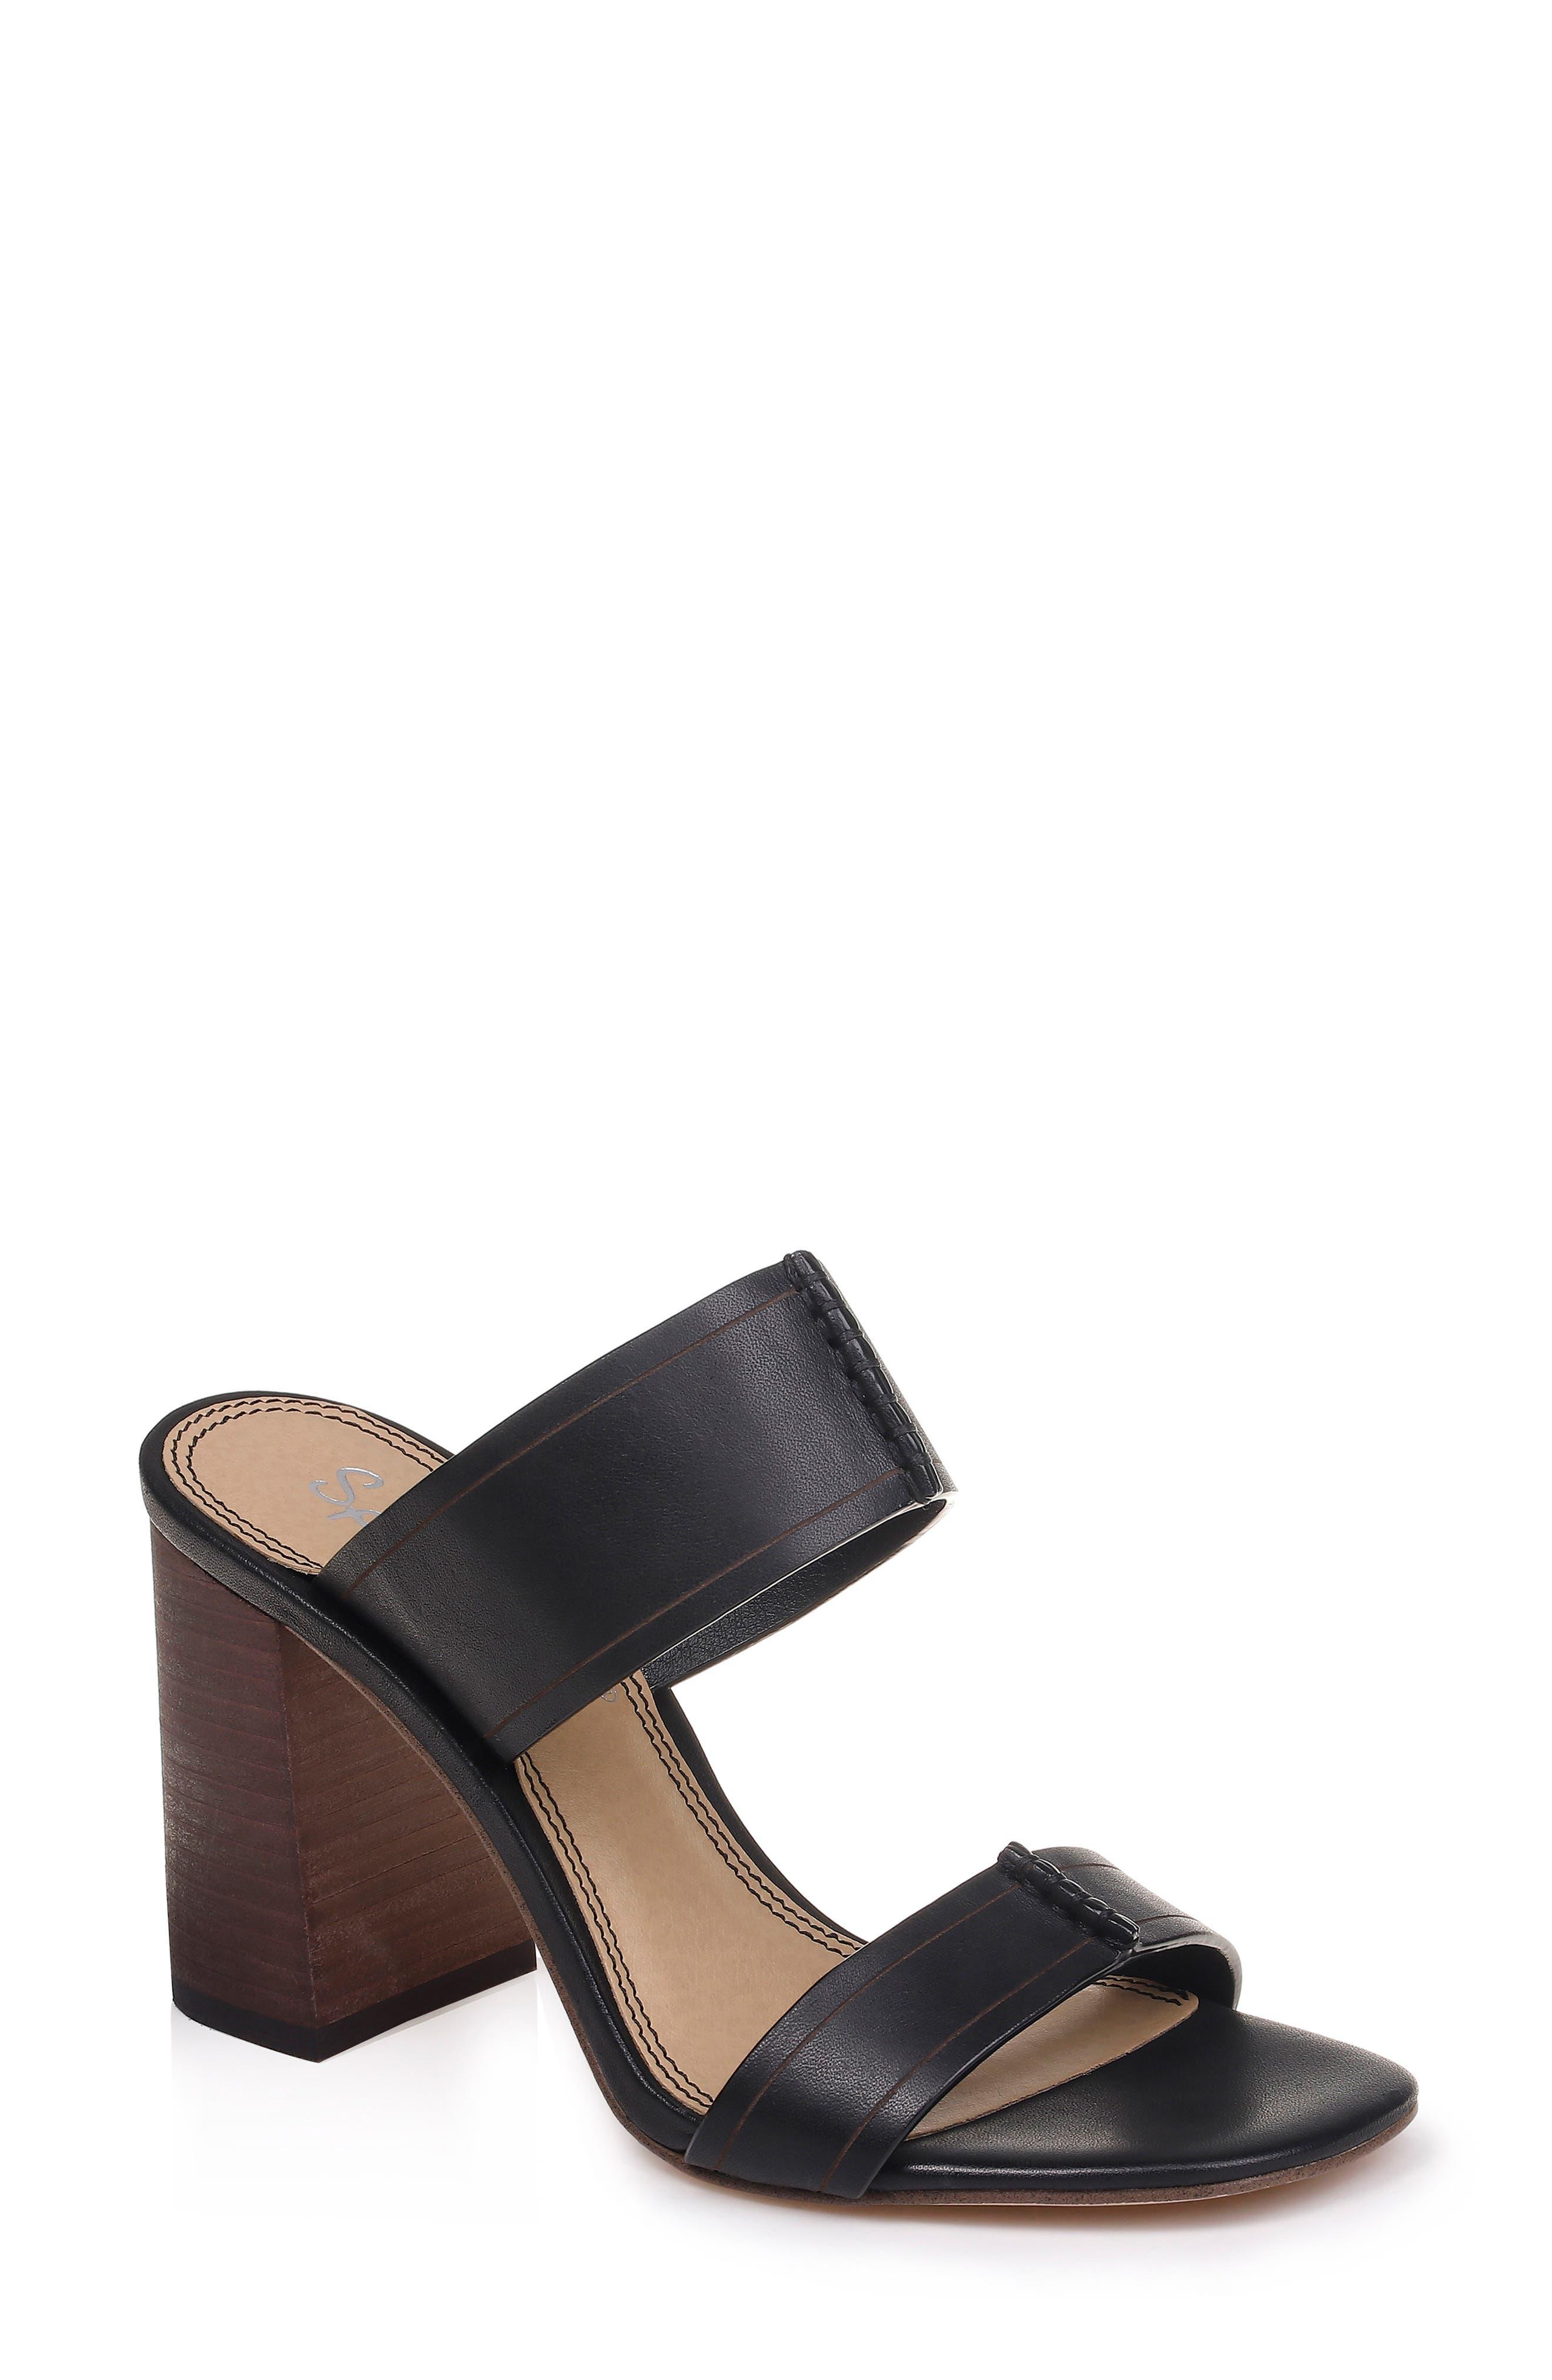 Tacy Slide Sandal, Main, color, BLACK LEATHER